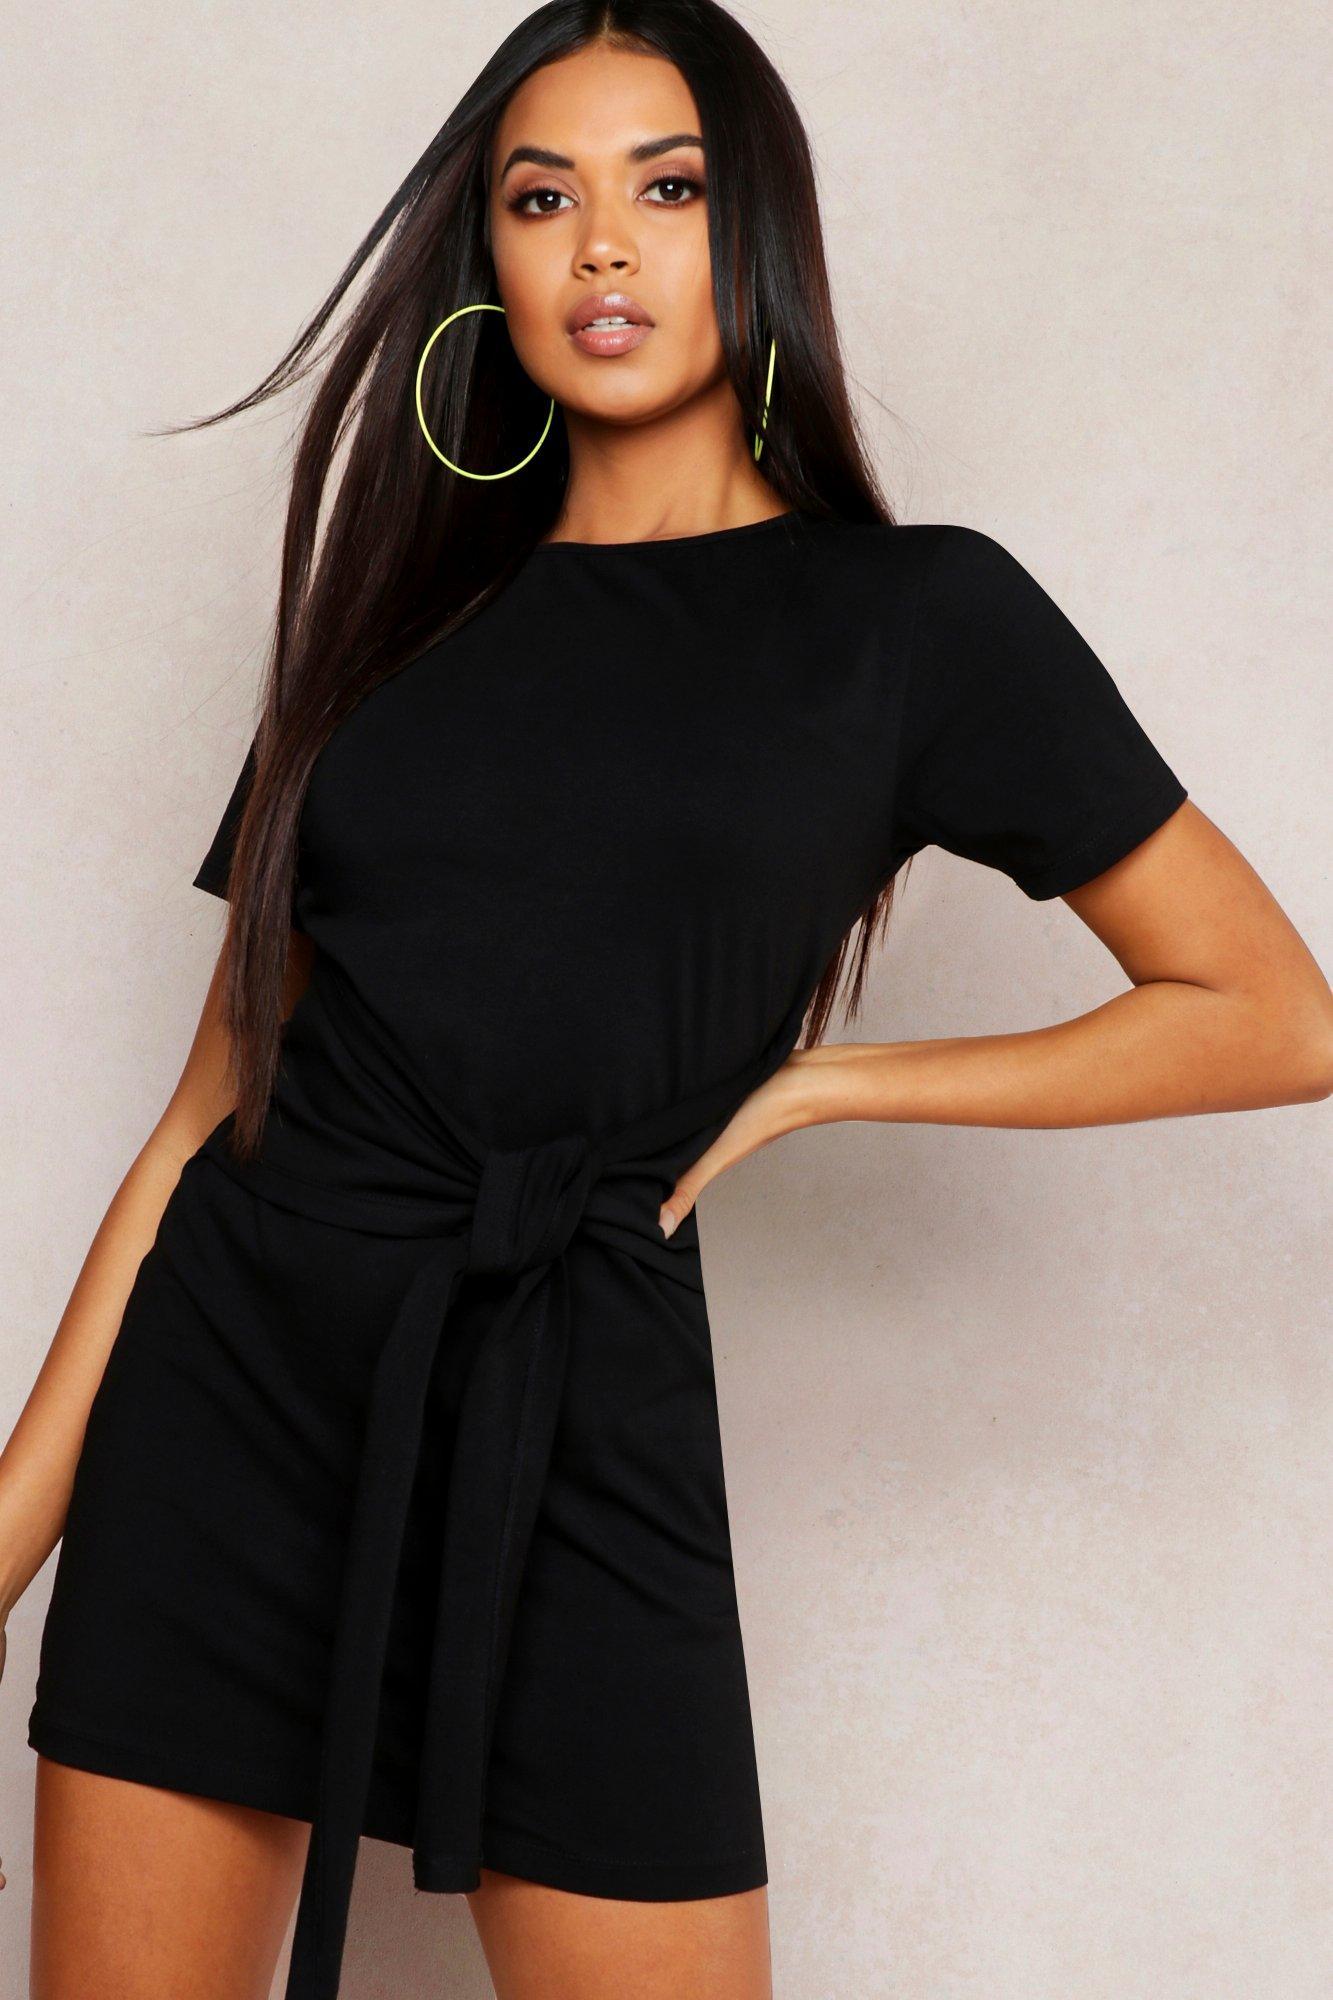 Womens T-Shirt-Kleid mit Taillenbindung - schwarz - 36, Schwarz - Boohoo.com